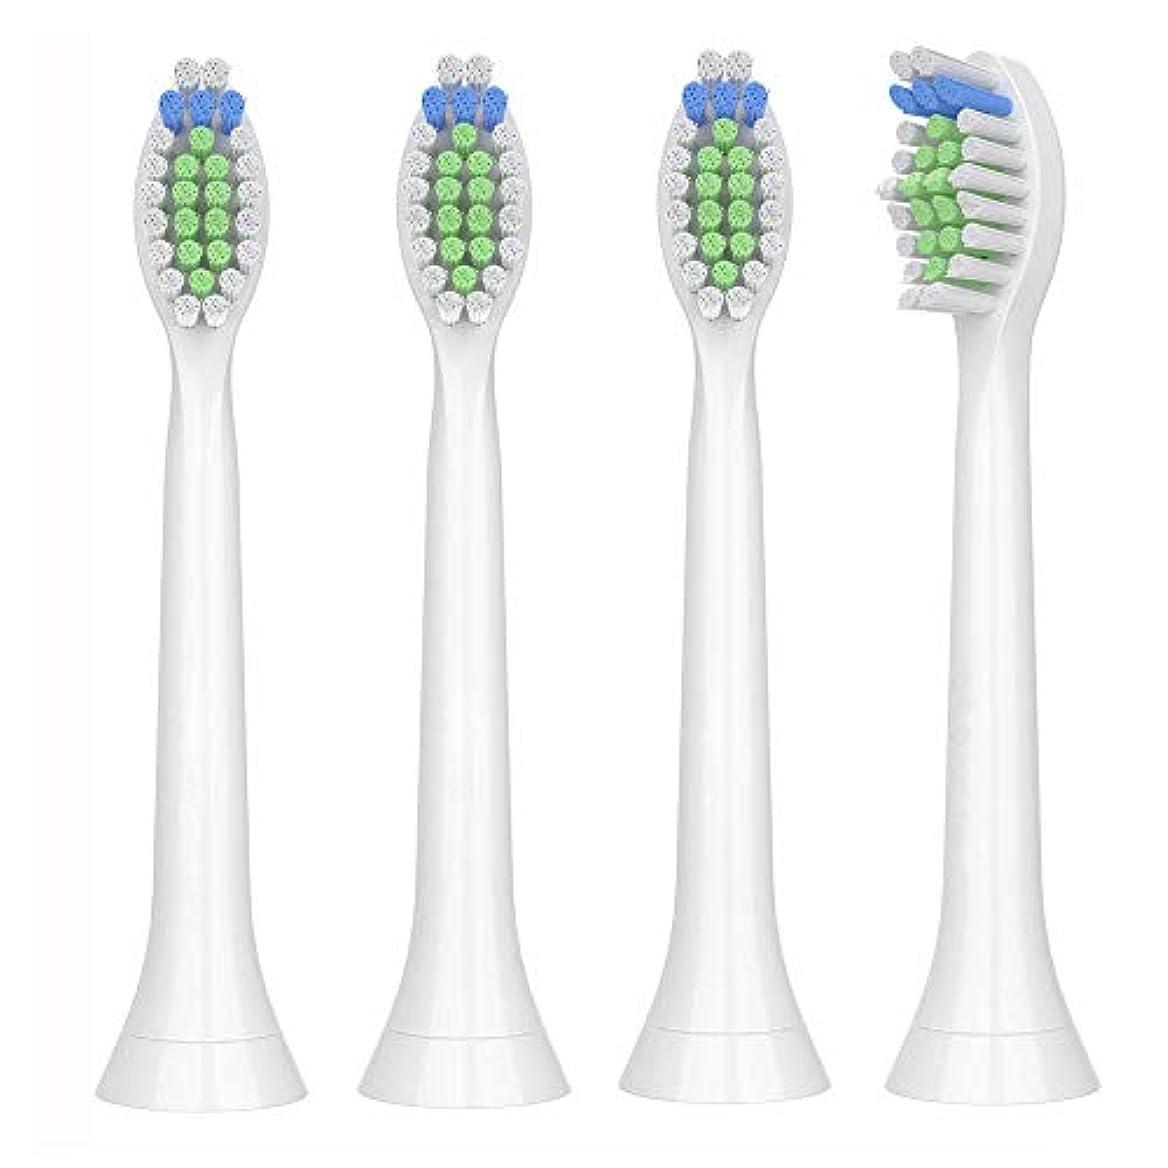 超越する素晴らしい良い多くのオペレーター電動歯ブラシ用 替えブラシ ブラシヘッド フィリップス ソニッケアー ダイヤモンドクリーン 対応 4本 (4本)